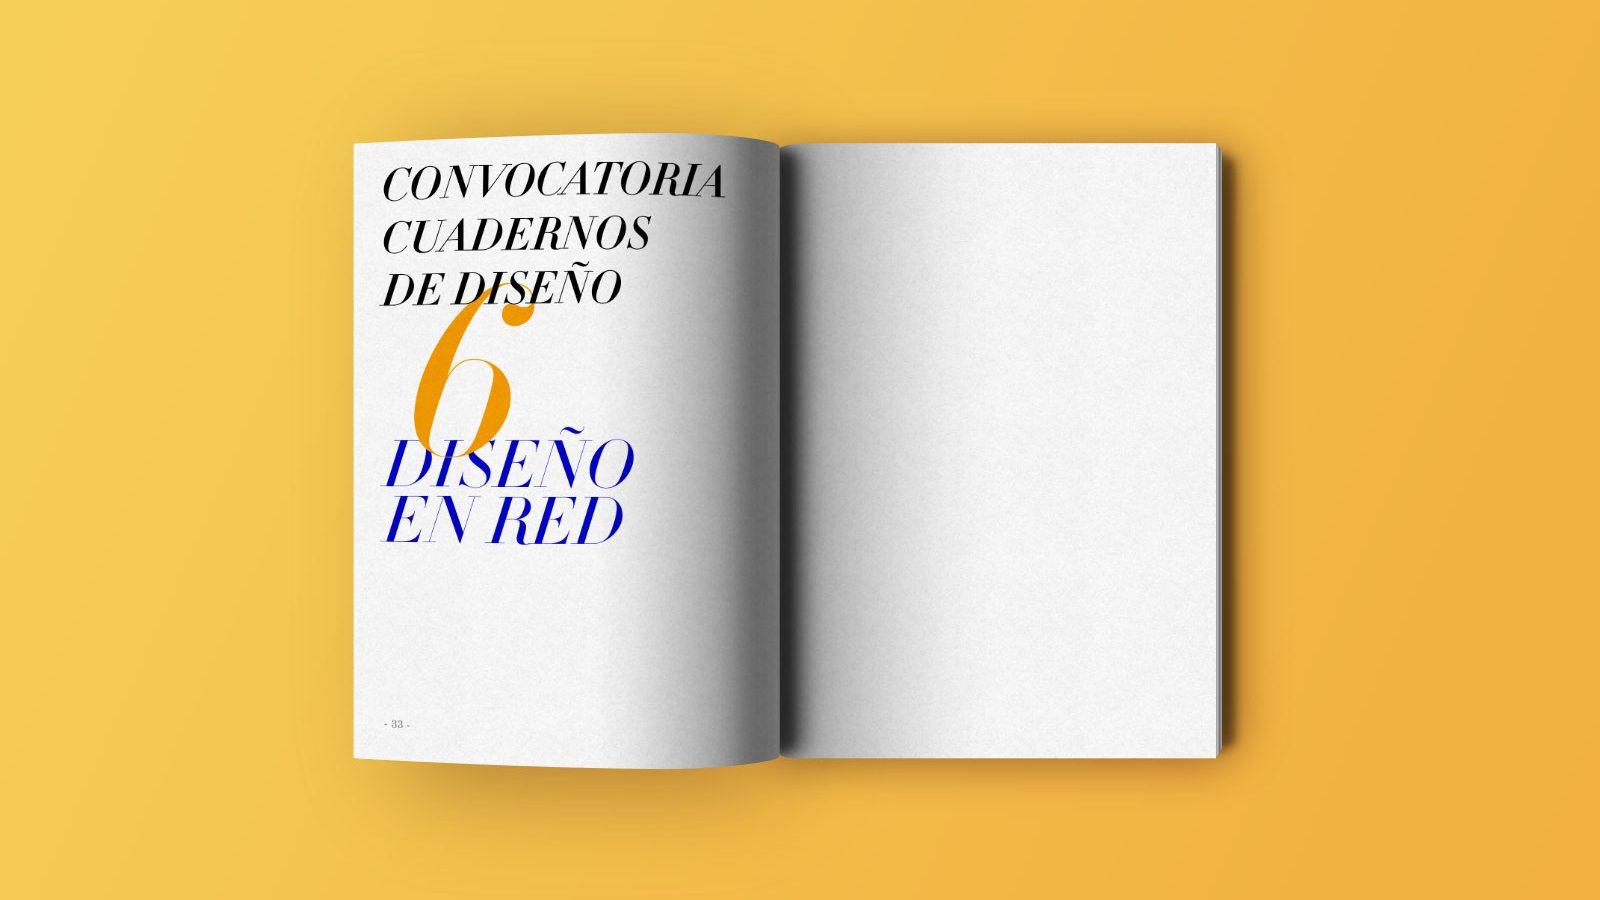 Convocatoria para los cuadernos de dise o 6 dise o en red for Diseno de interiores ied madrid